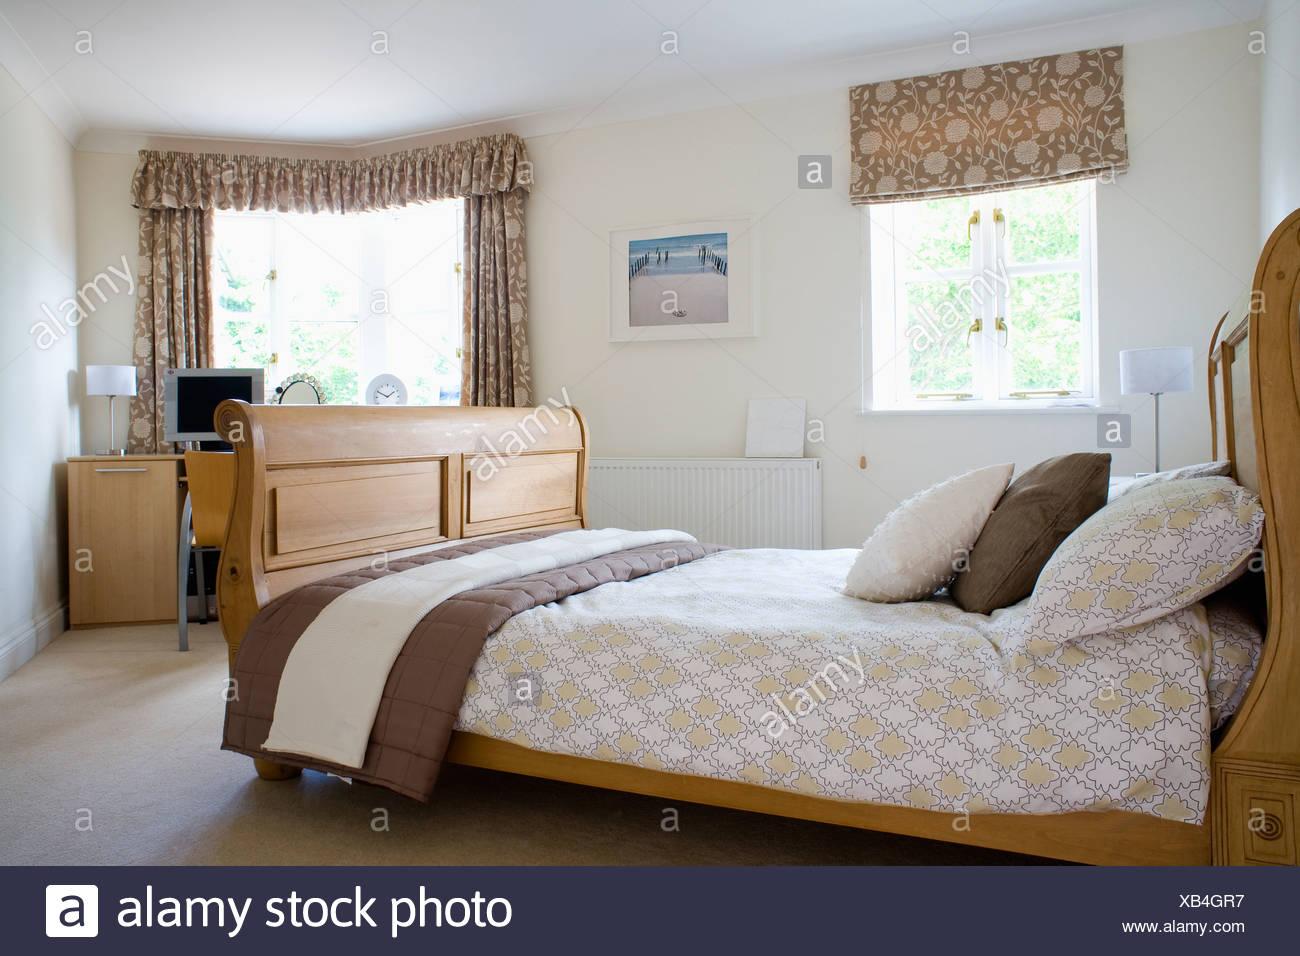 Gemusterte Braun + Creme Blind Und Passende Vorhänge An Fenstern In  Modernen Schlafzimmer Mit Gemusterten Beige Bettwäsche Auf Holzrahmen Bett